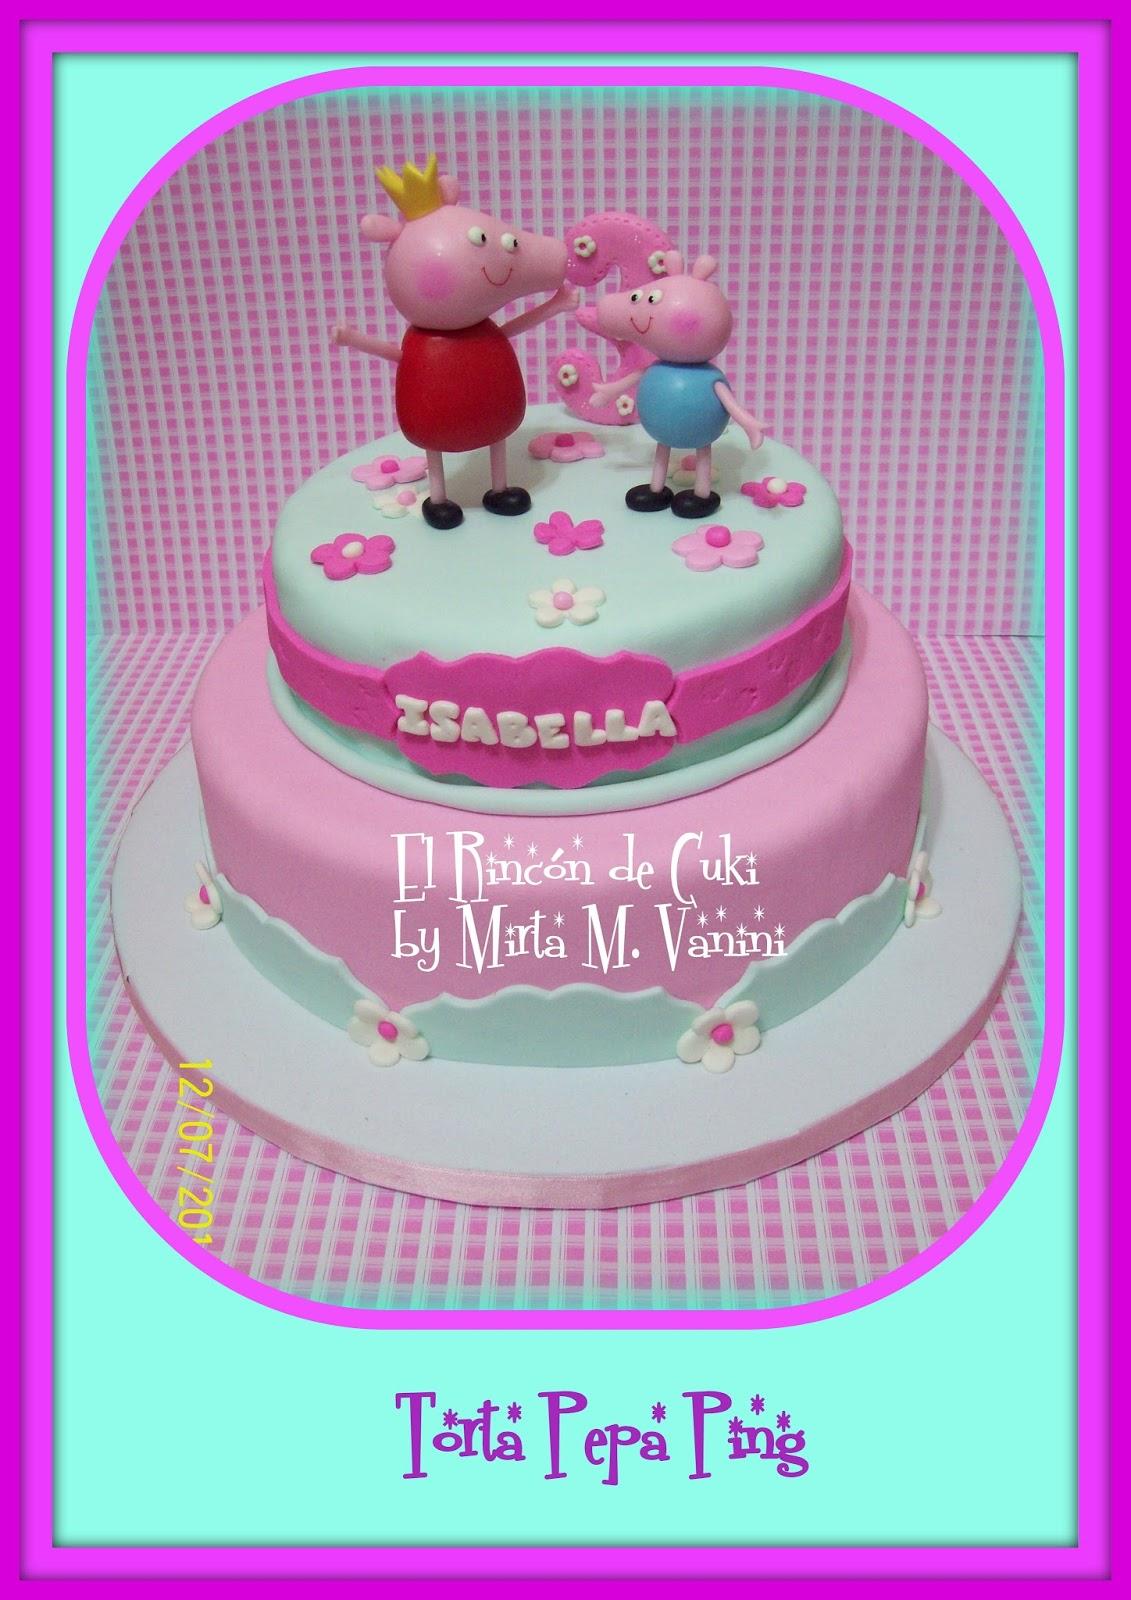 EL RINCON DE CUKI - TORTAS ARTESANALES by Mirta M. Vanini: PEPPA PIG ...